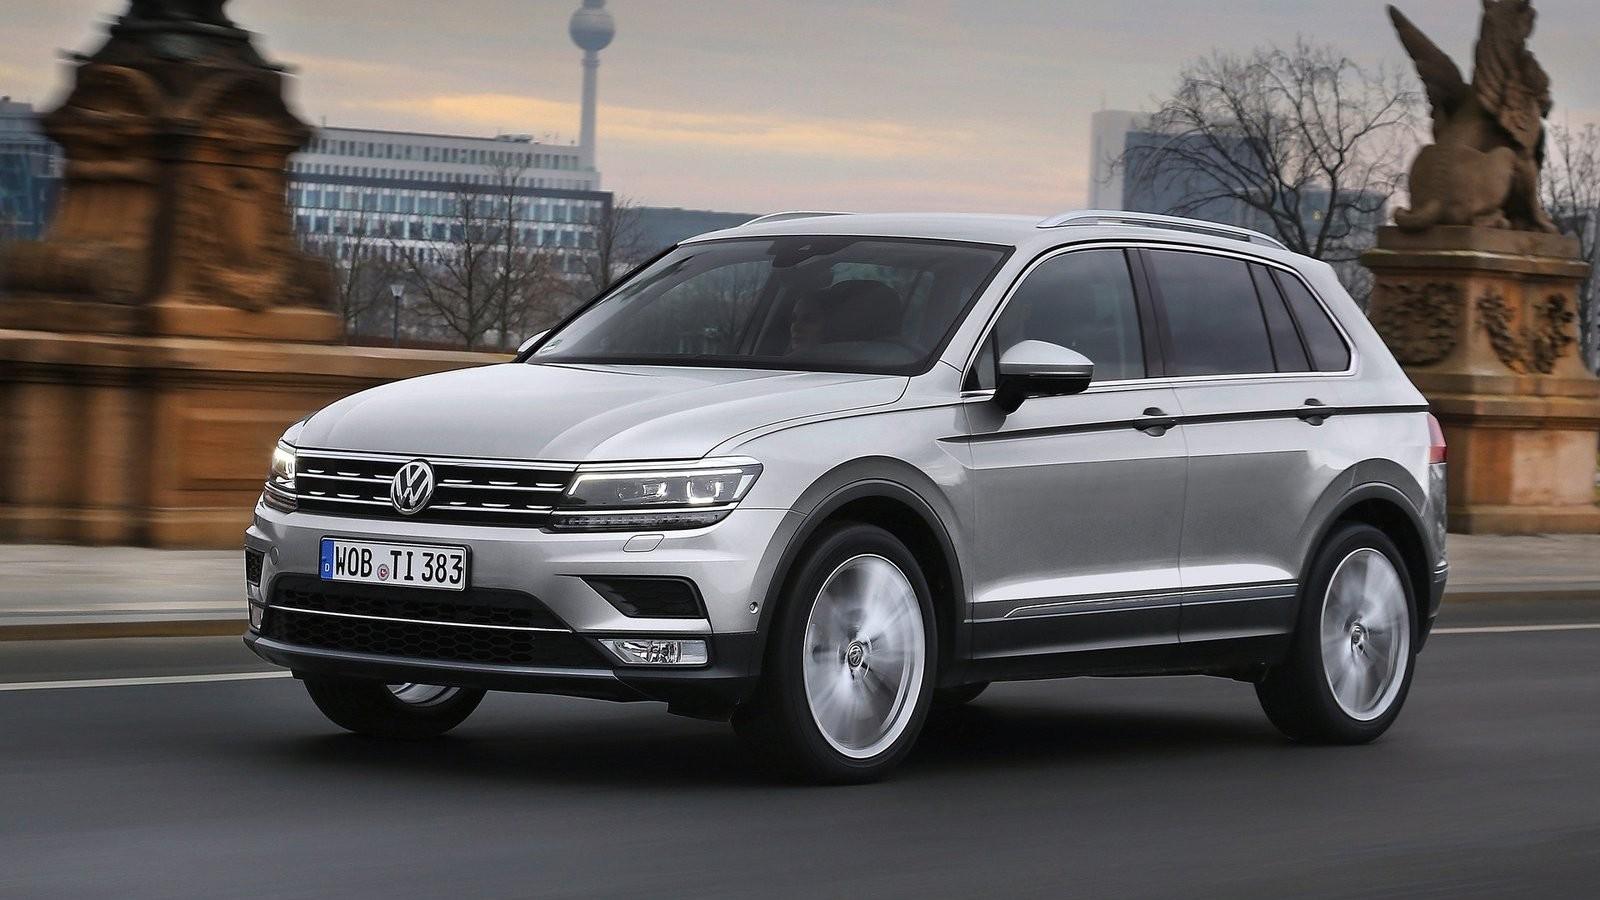 Volkswagen-Tiguan-2017-1600-11